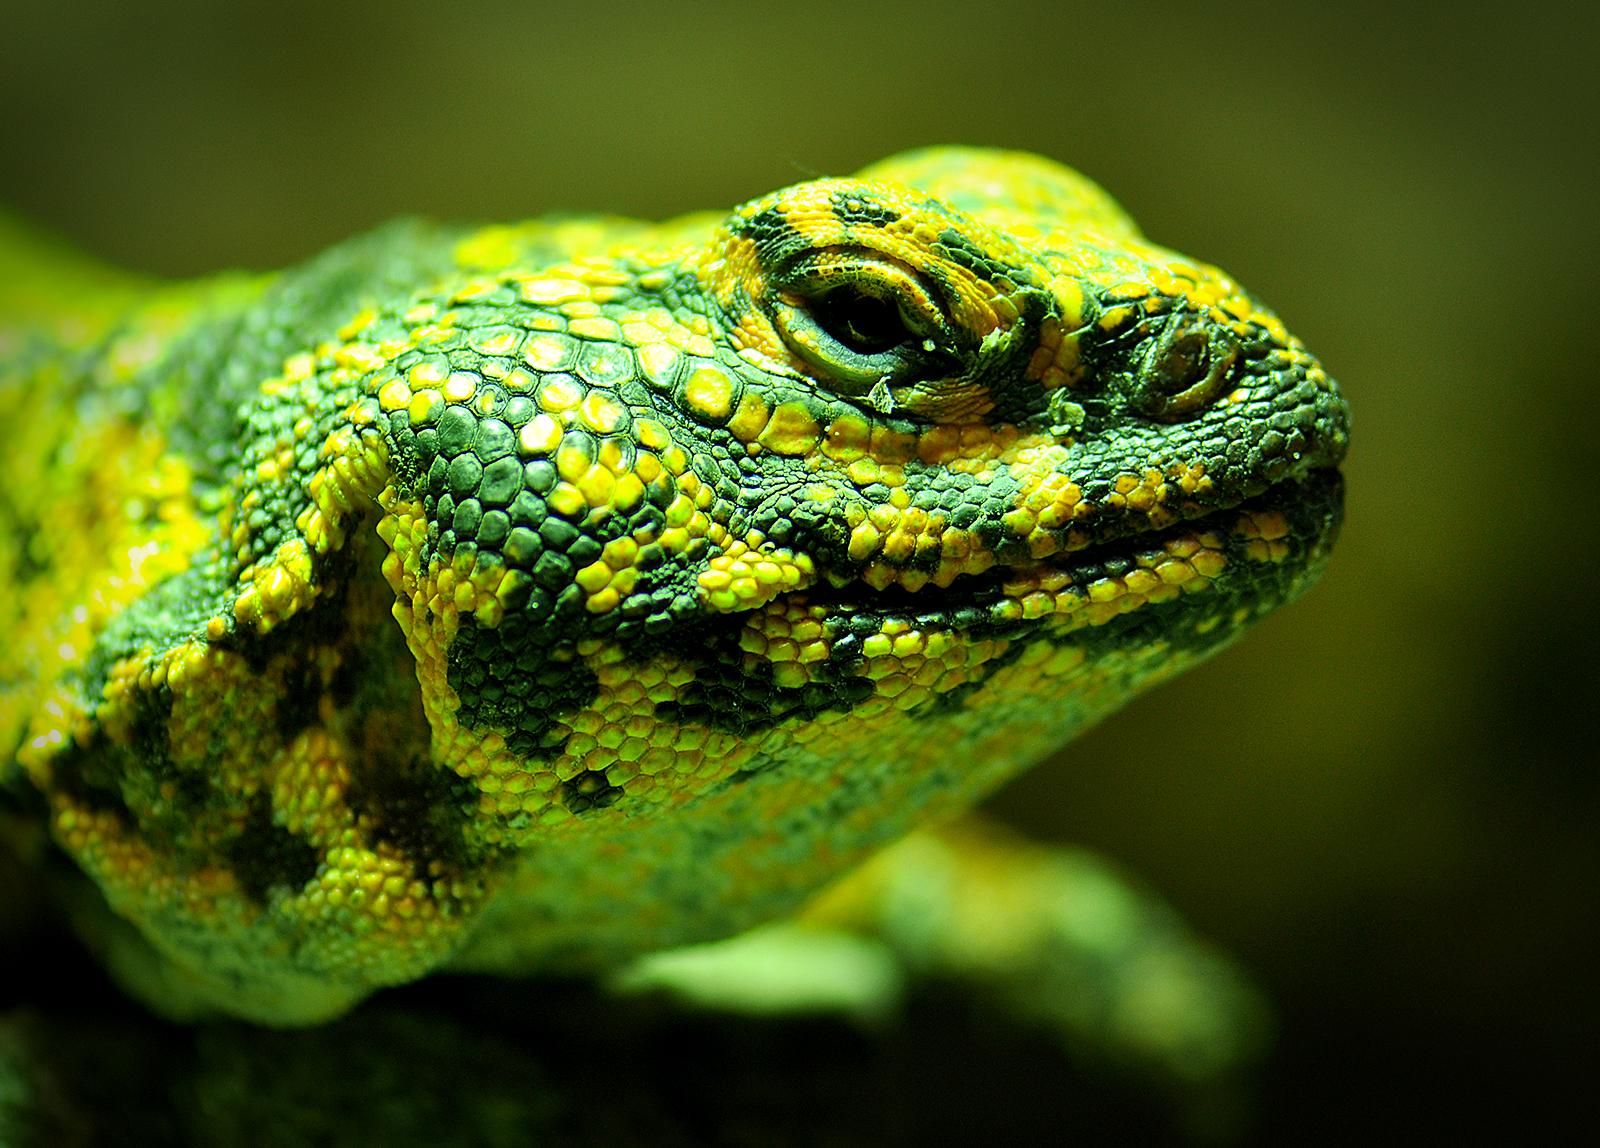 La cabeza de un lagarto - 1600x1148